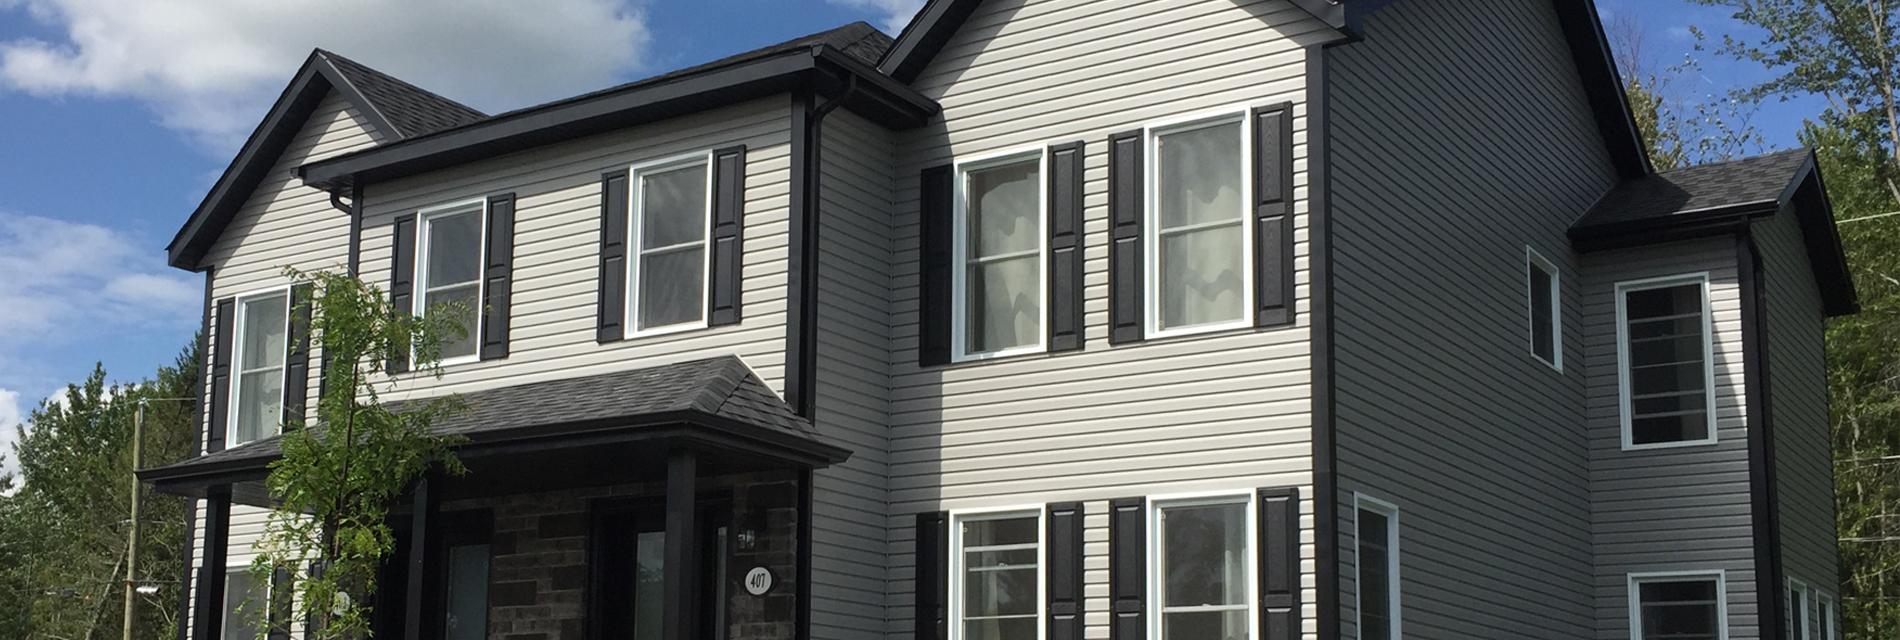 Beautiful les maisons horizon de maisons neuves for Prix maisons neuves